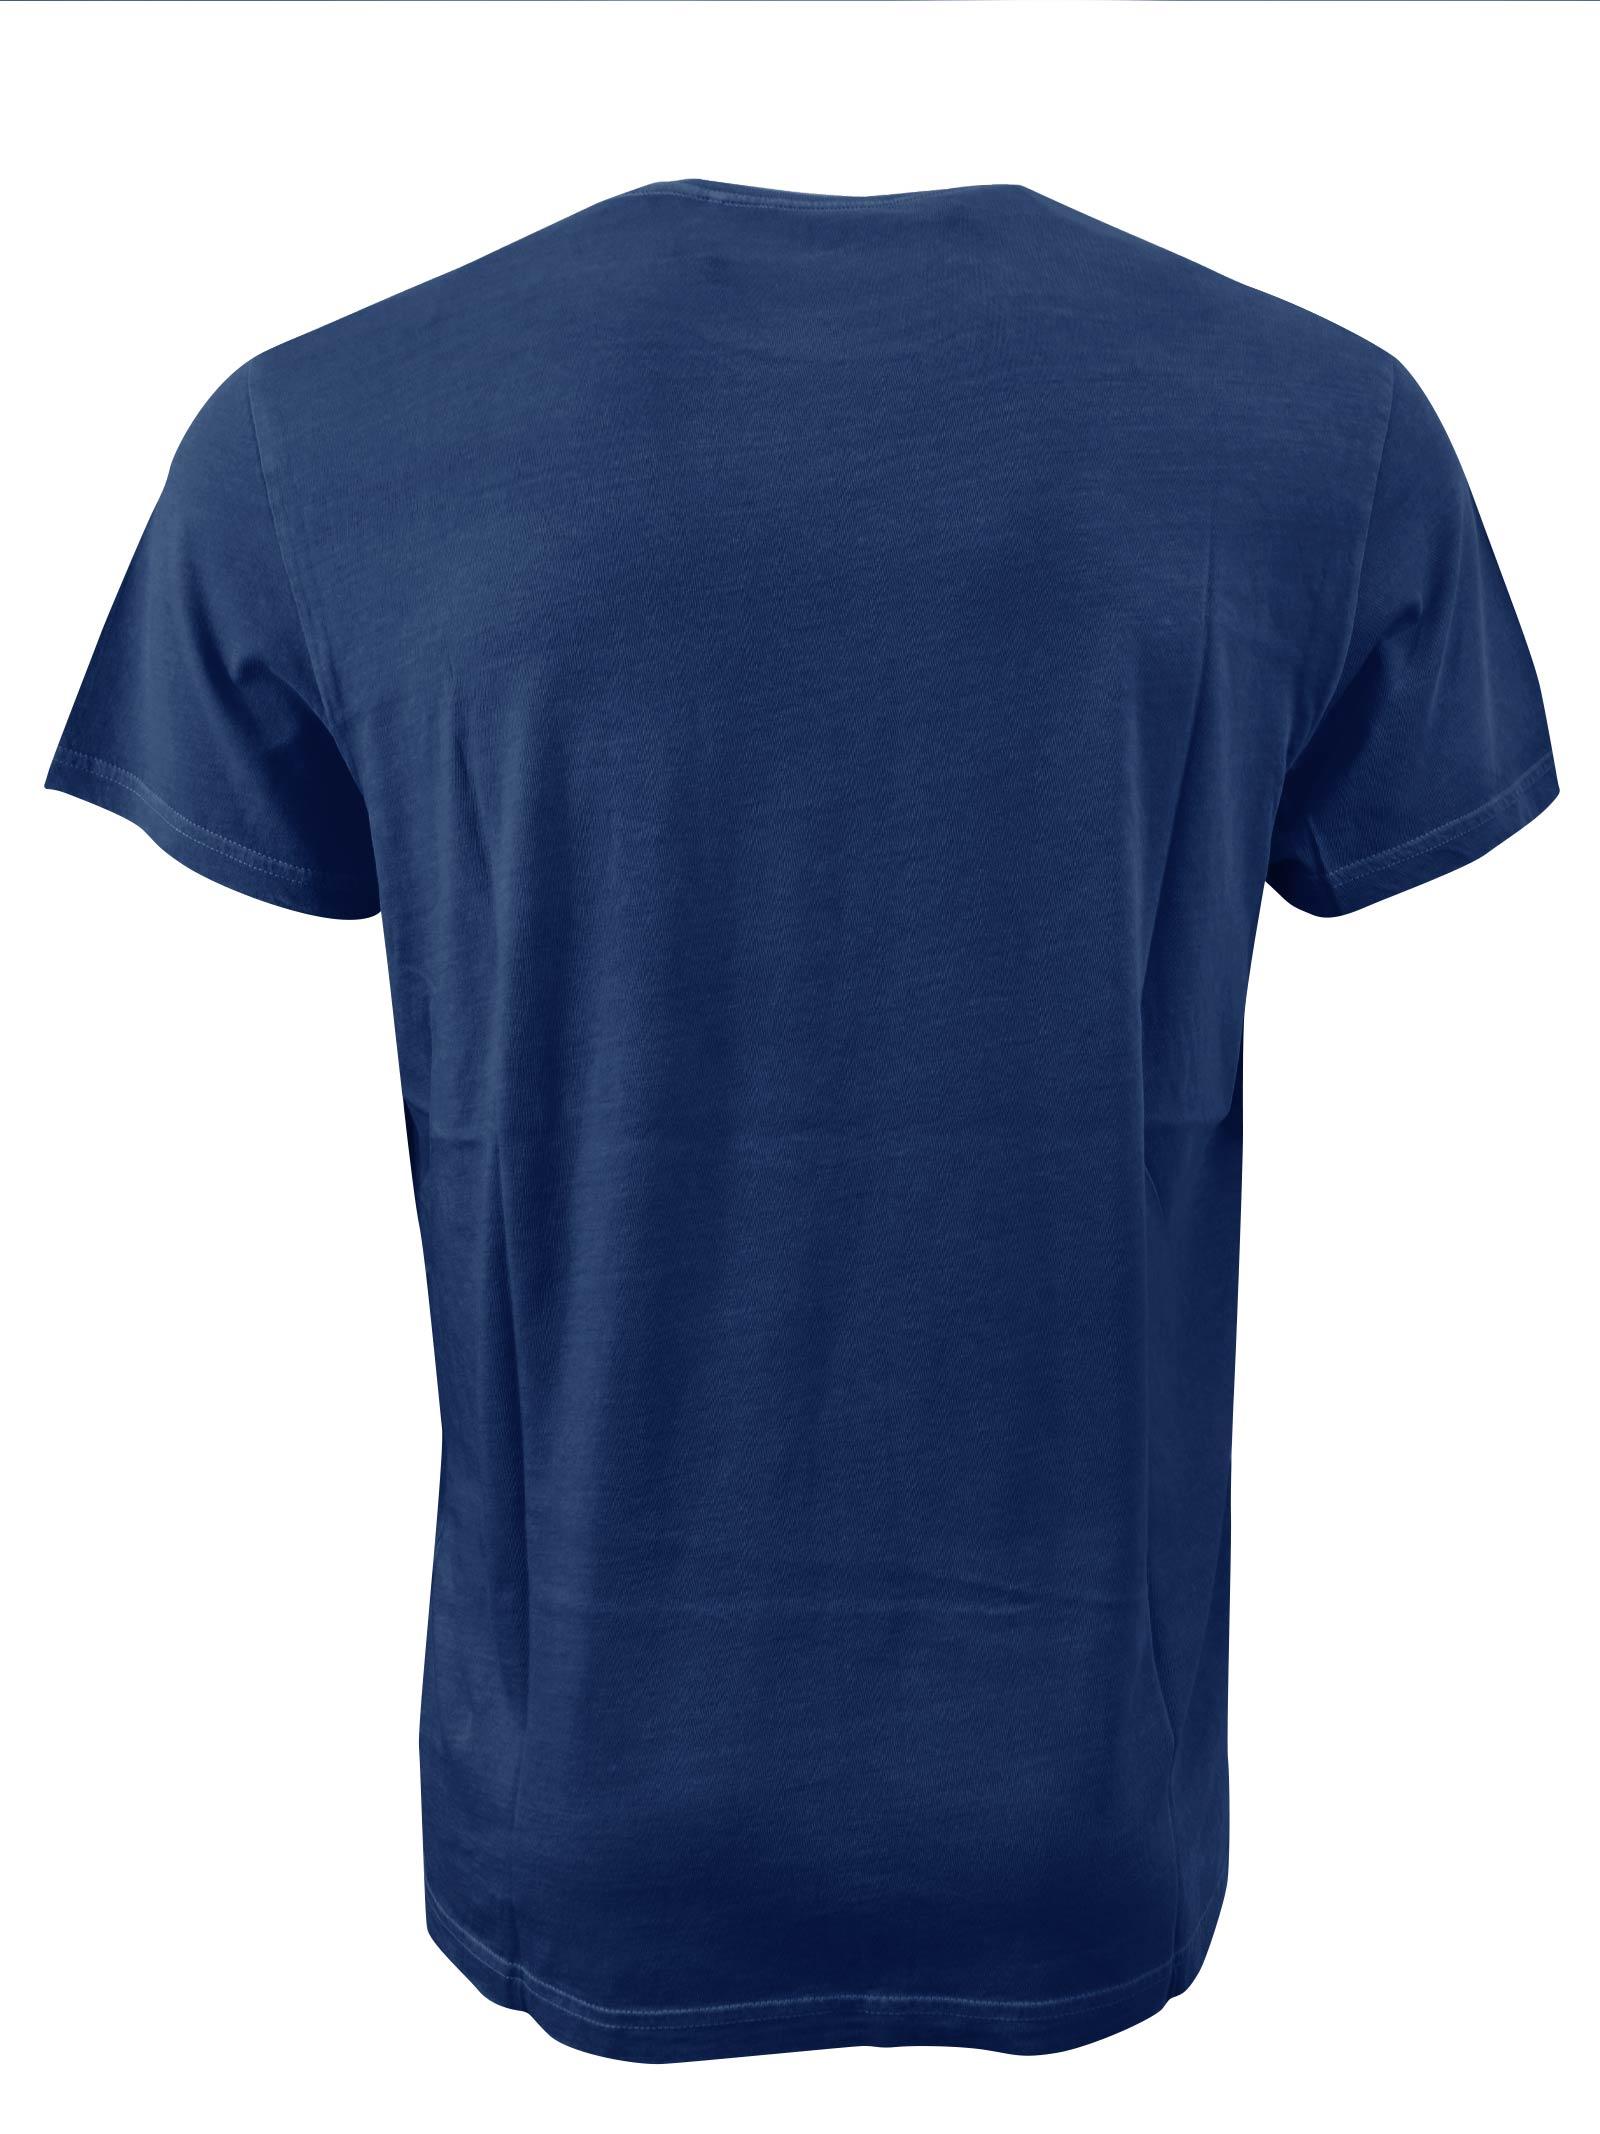 T-SHIRT GANT | T- shirt | 2003069461